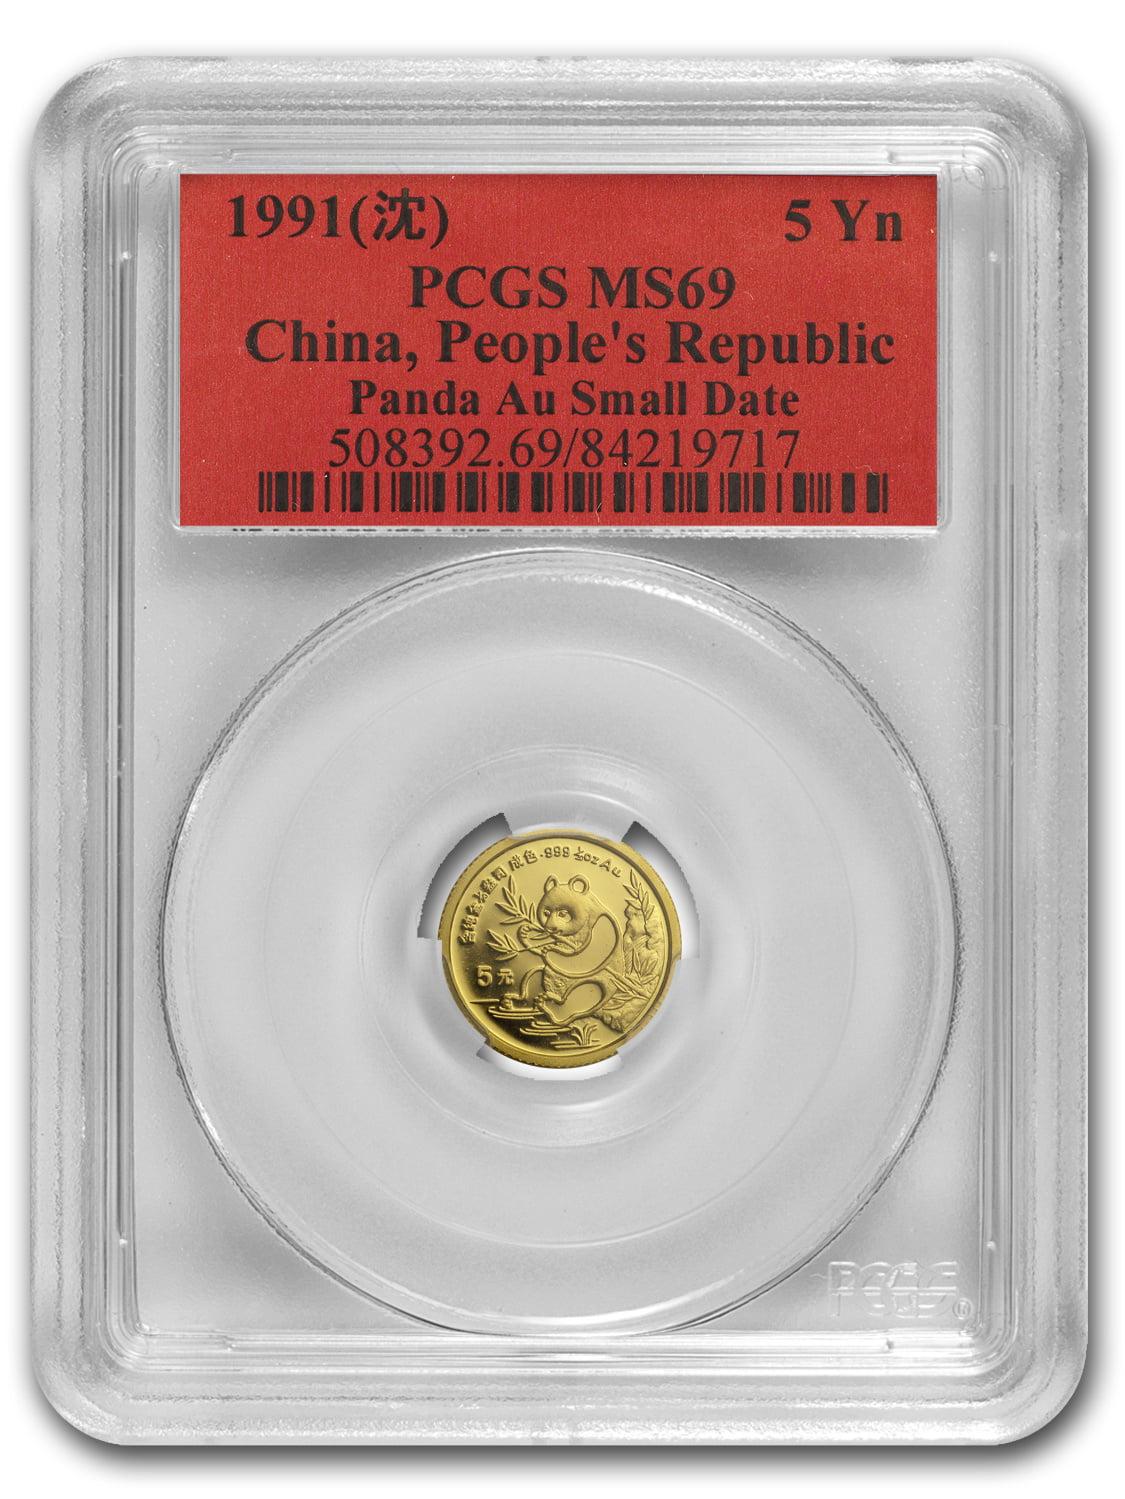 1991 China 1/20 oz Gold Panda MS-69 PCGS (Small Date)